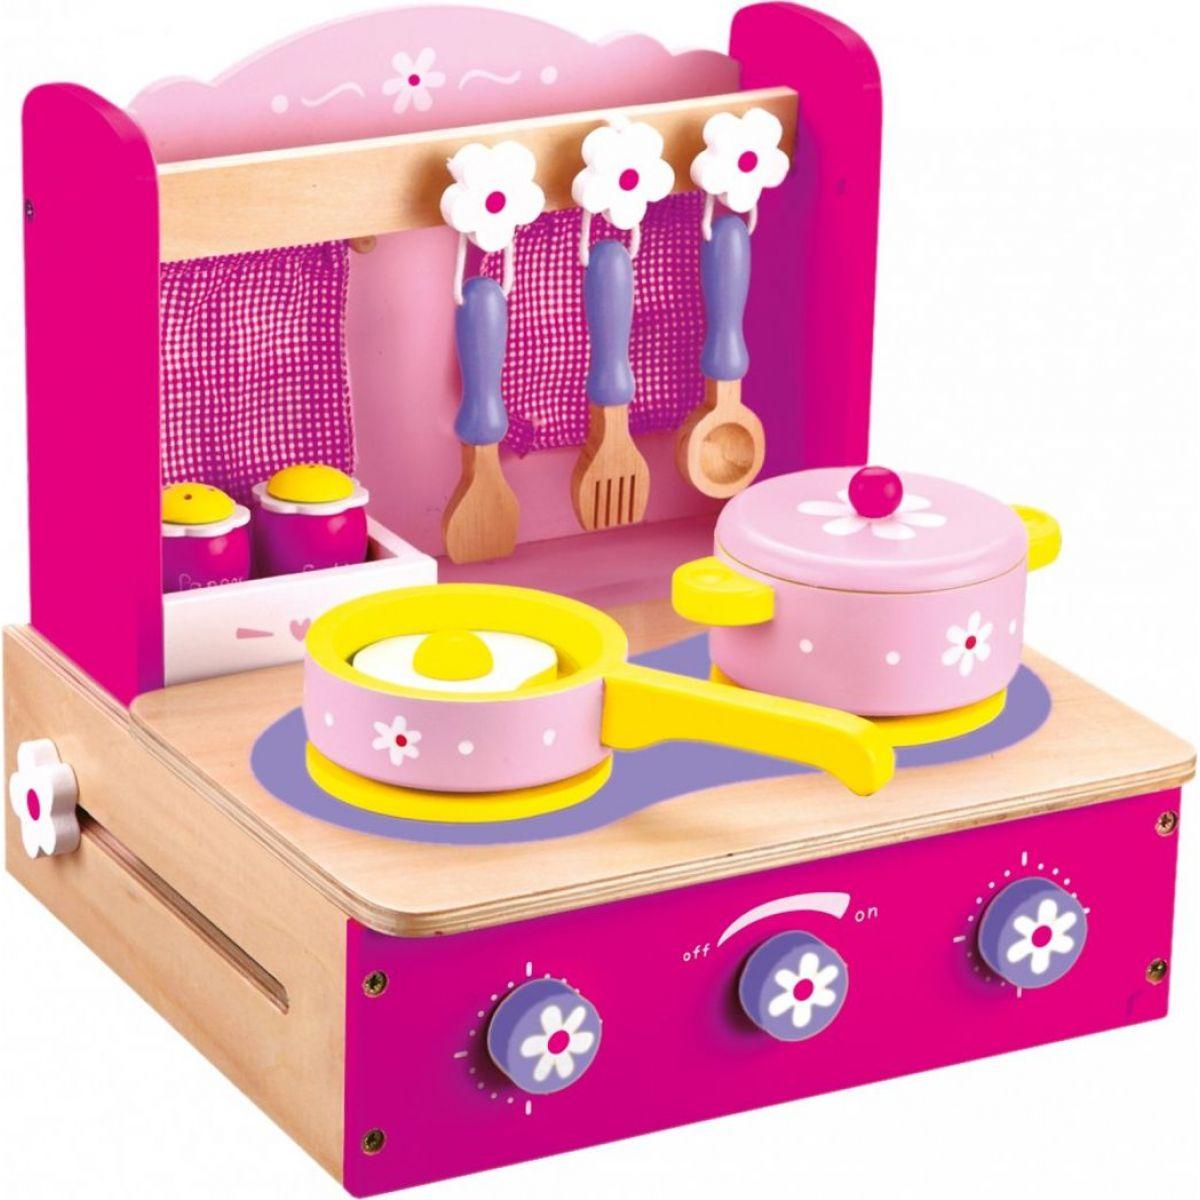 Bino Detský varič s príslušenstvom 10 dielov